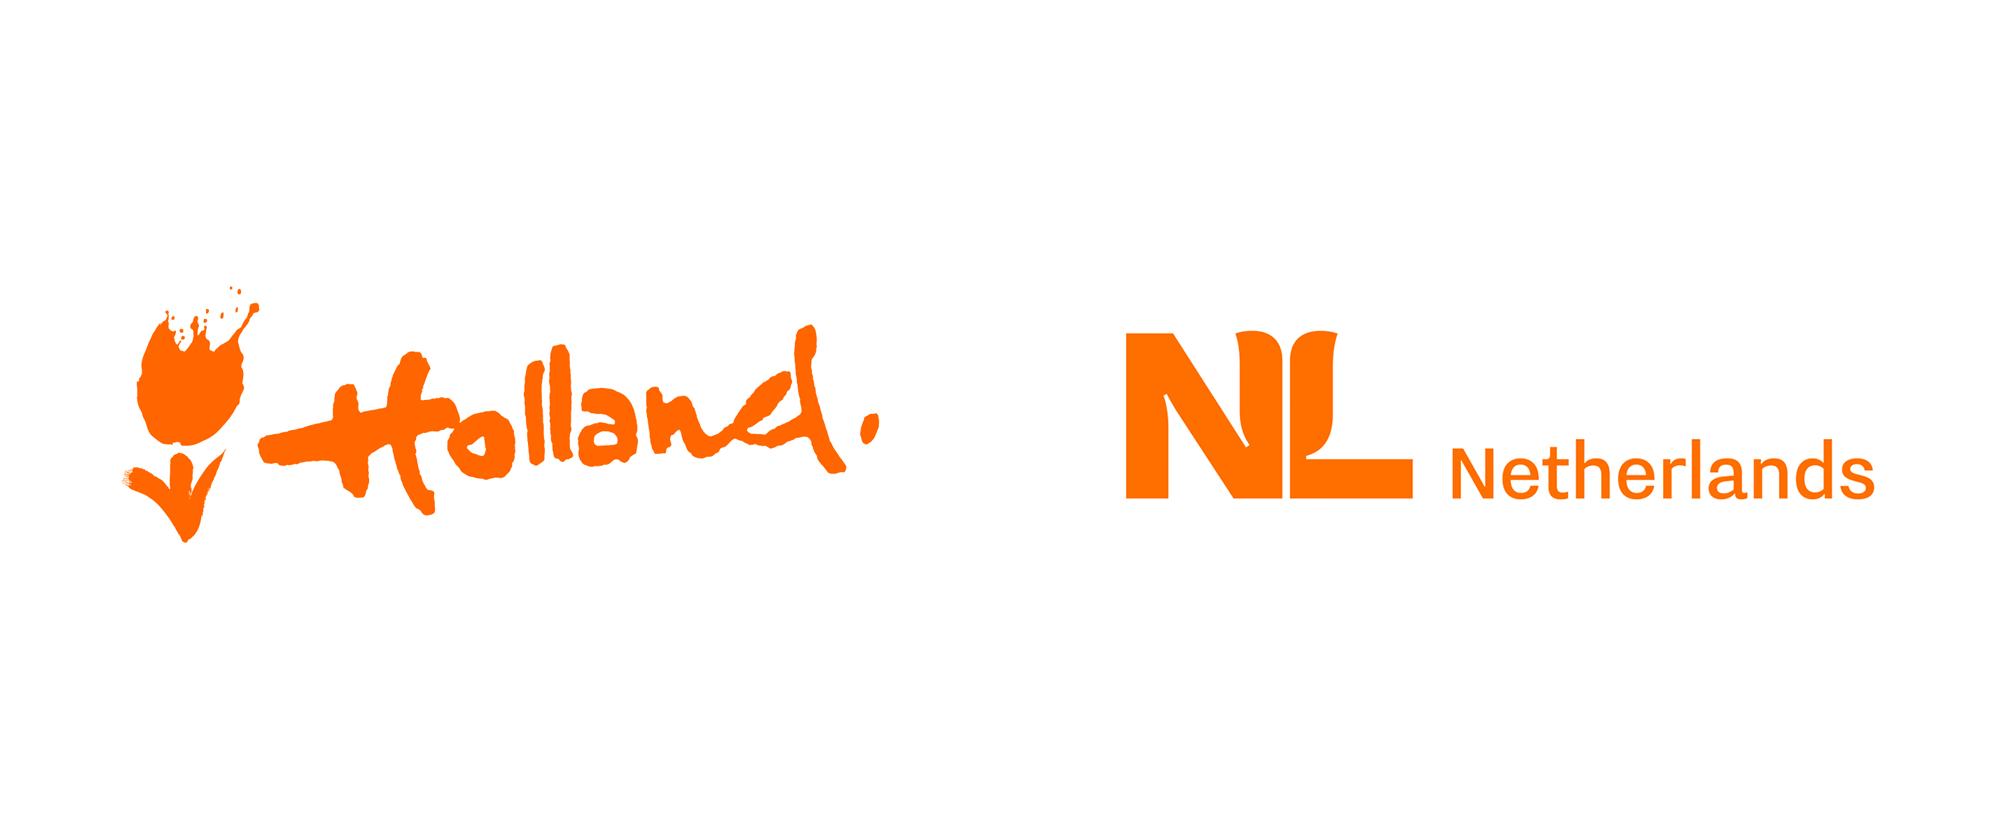 New Logo for Netherlands